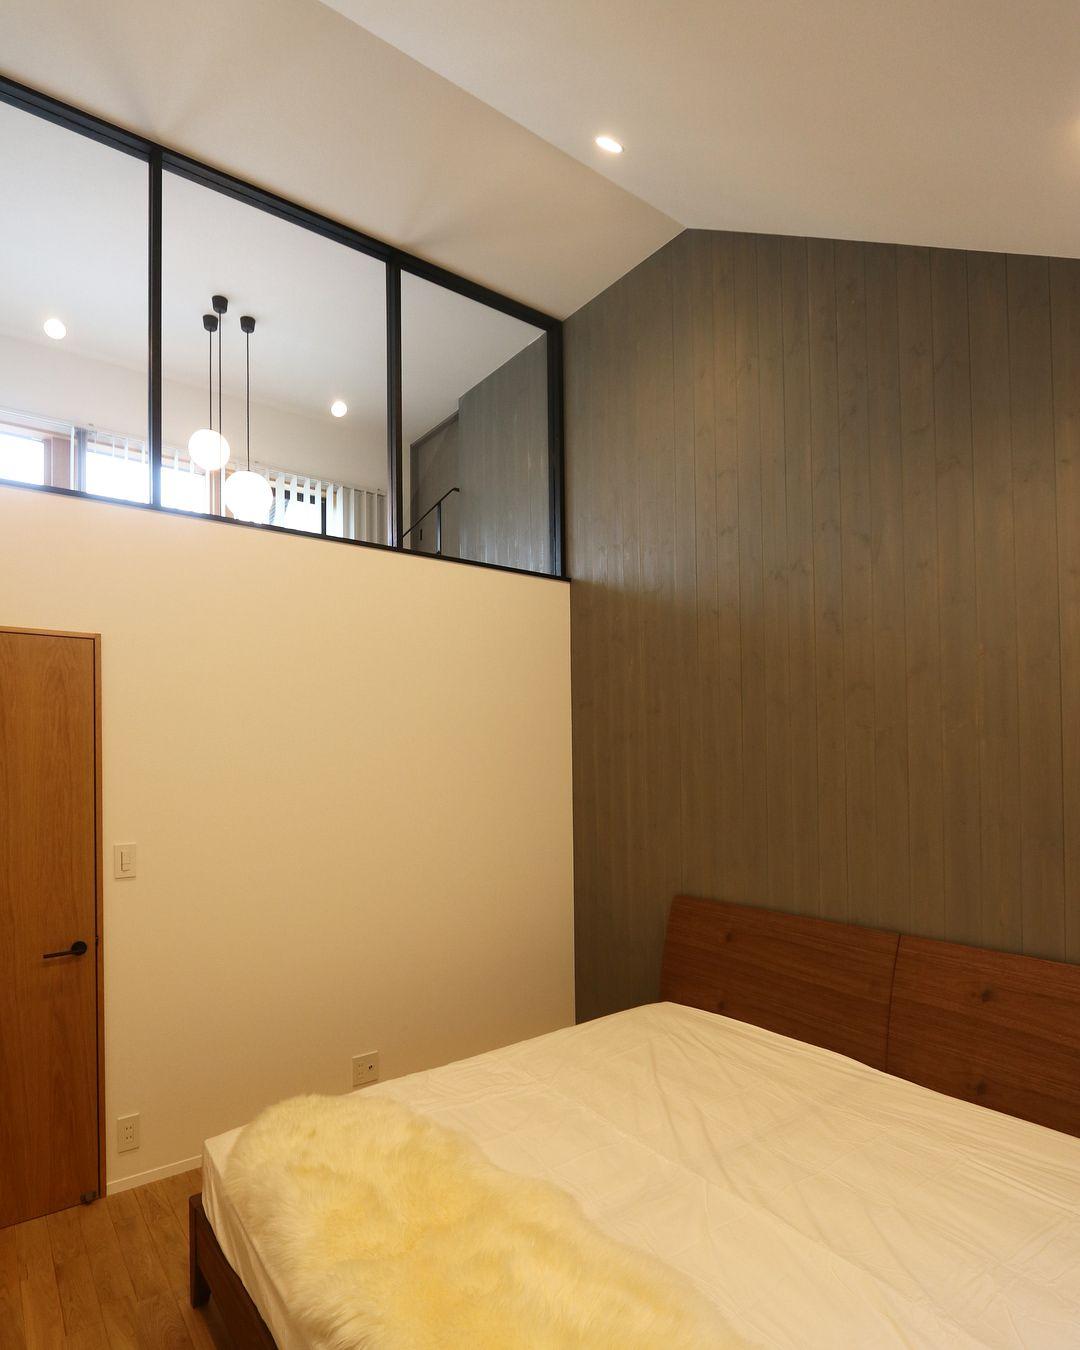 Suzuyahouse の 寝室 の上に付けた大きな Fix が 想像以上 に良くて